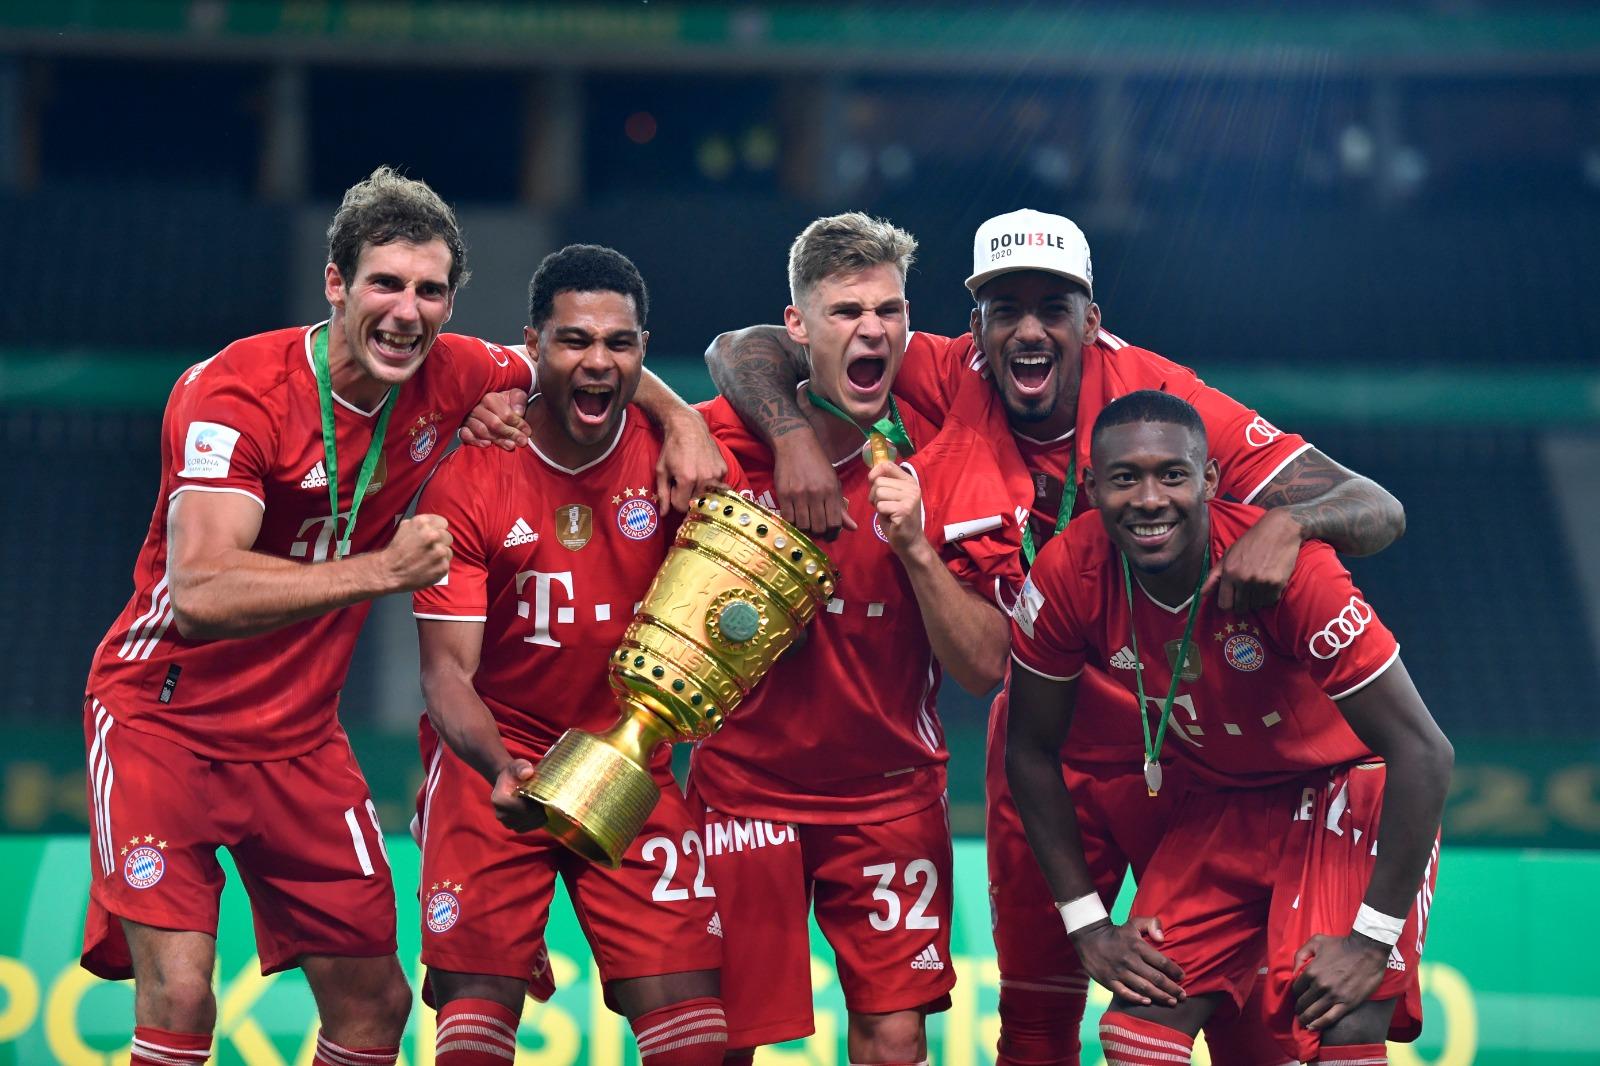 Trofetë një gjë normale për Bayern, ngre dhe Kupën e Gjermanisë!